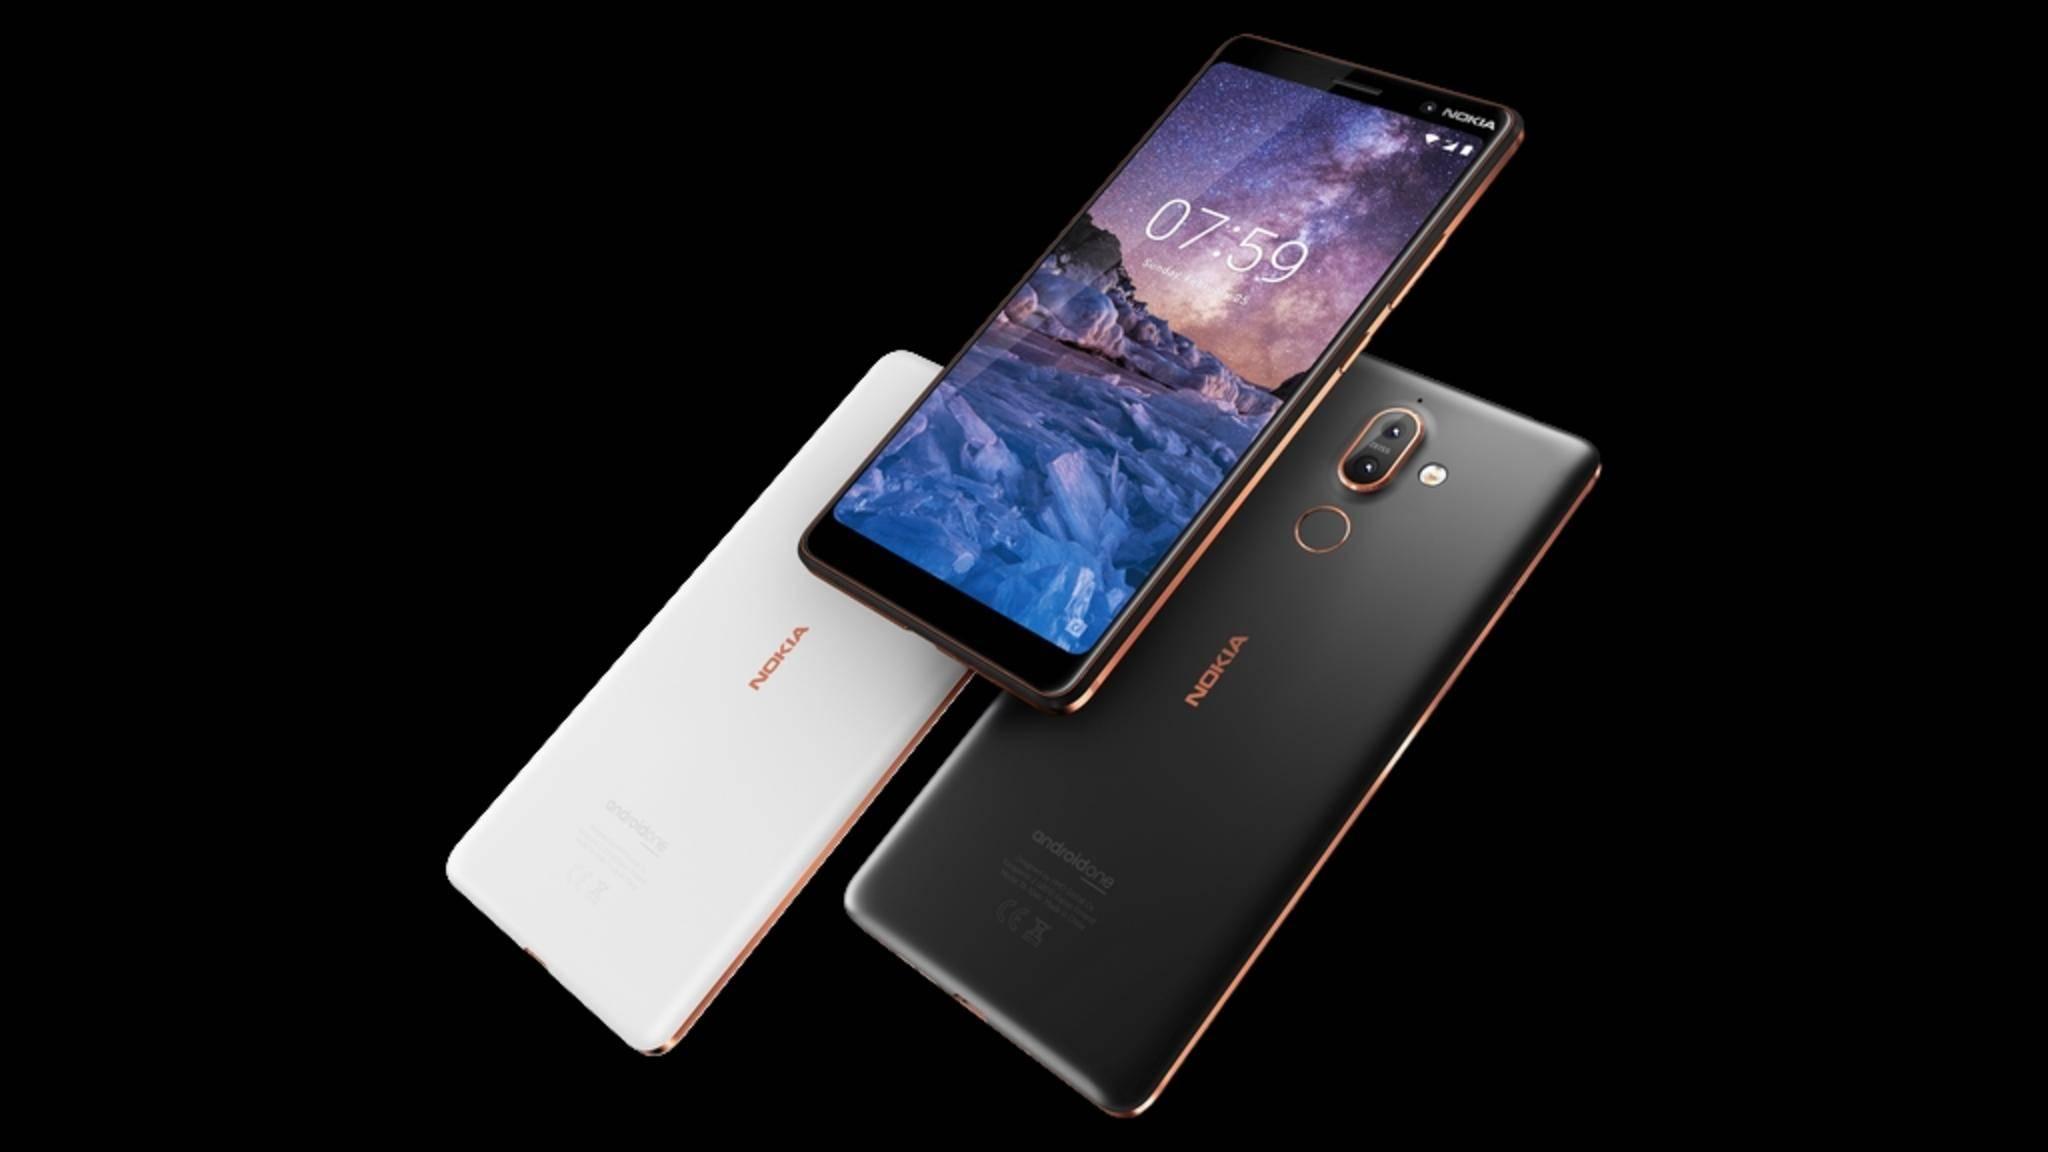 Das Nokia 7 Plus erscheint für 399 Euro.